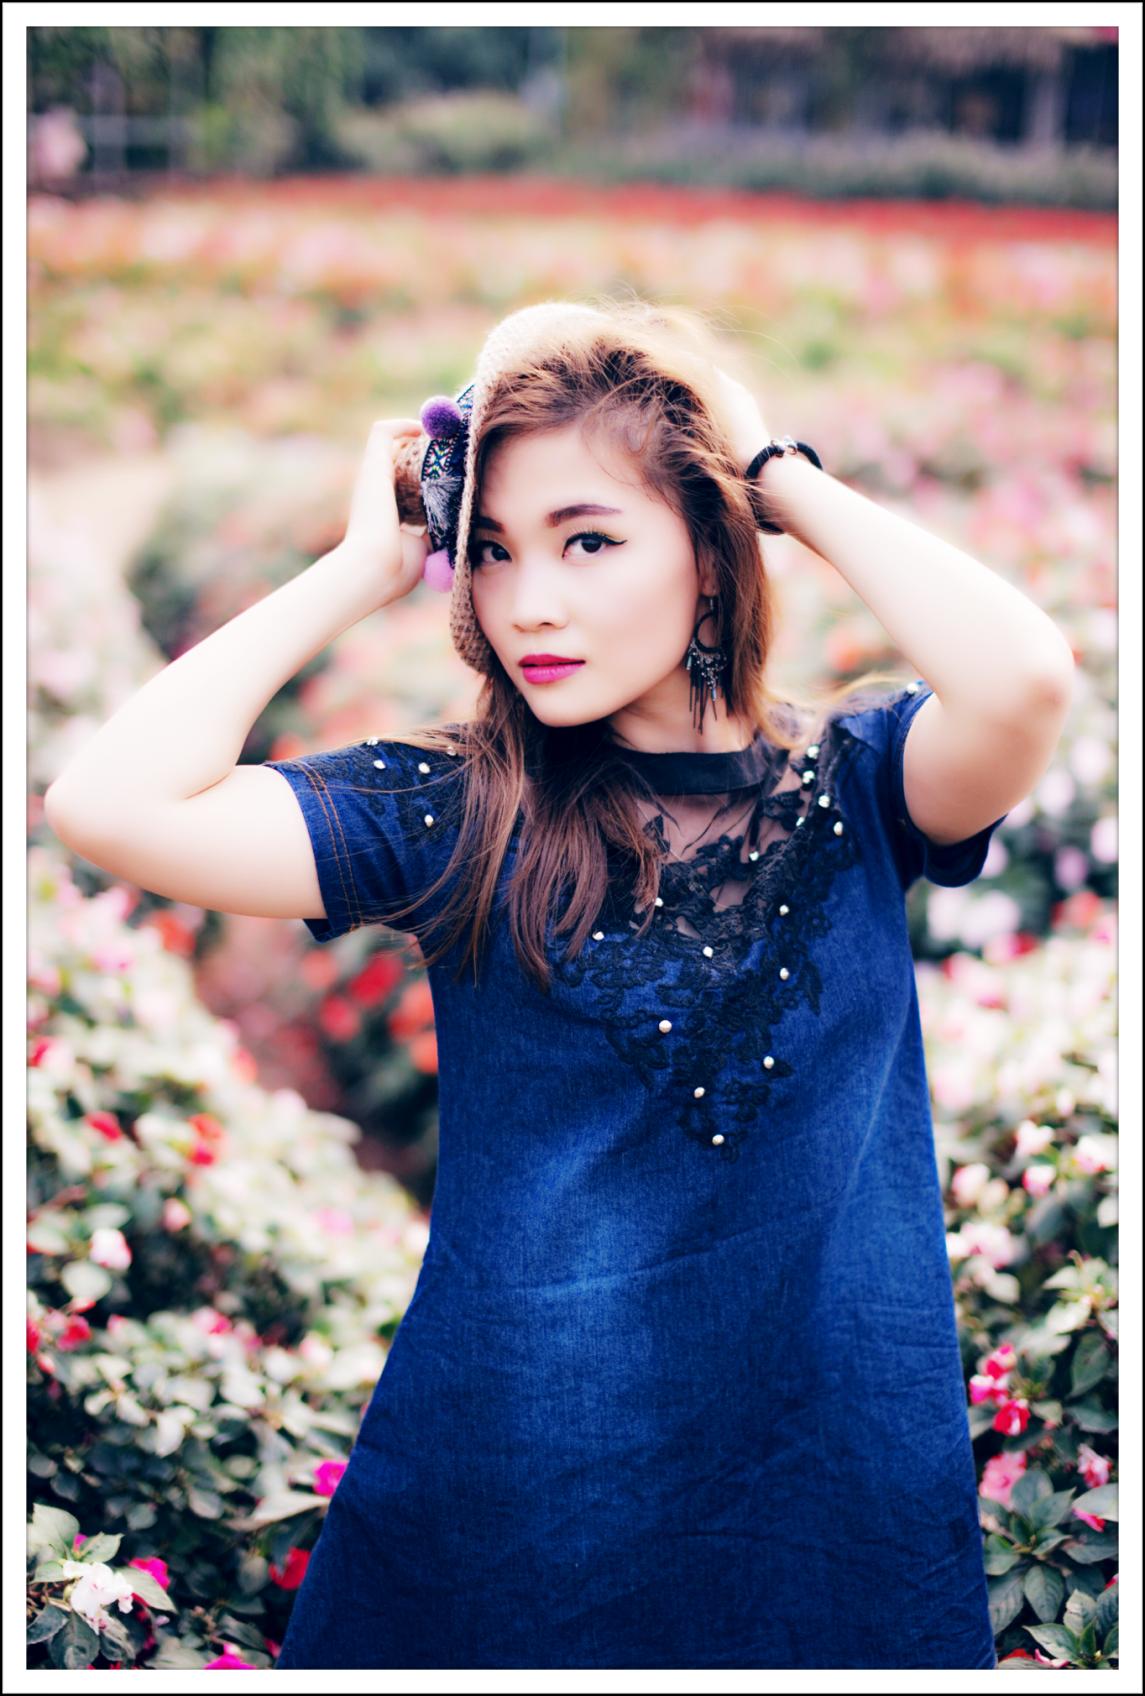 Hình ảnh Khám phá hội bạn thân thiết của nữ ca sĩ Trần Ngọc Bảo số 1